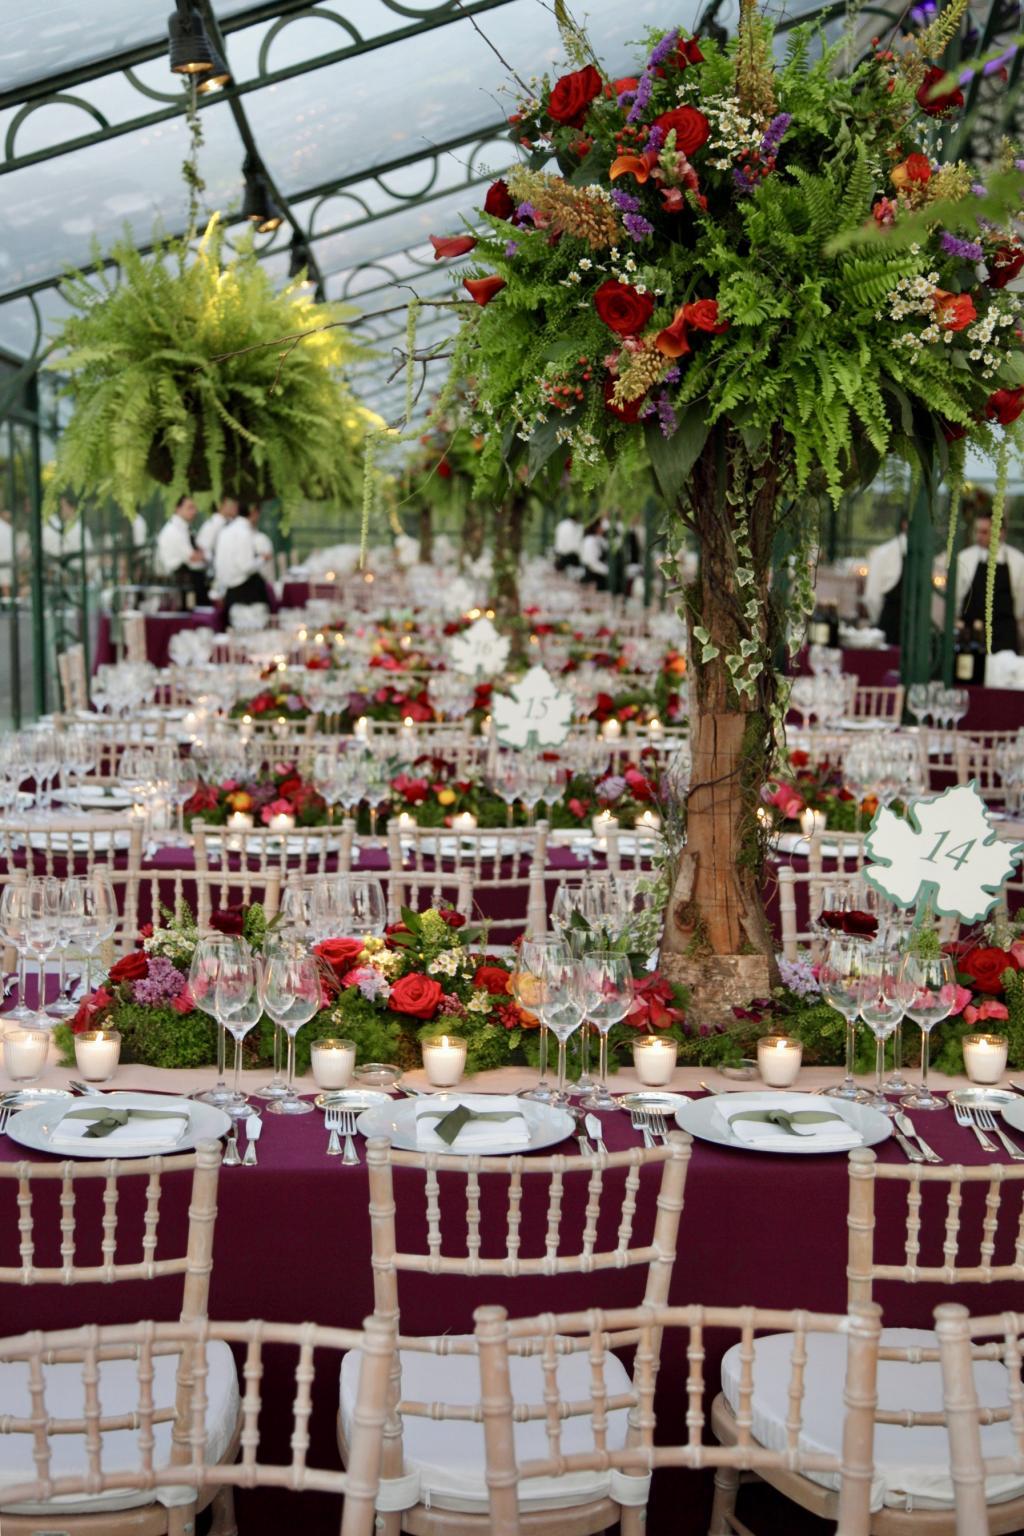 G&I Athens wedding - Image 20